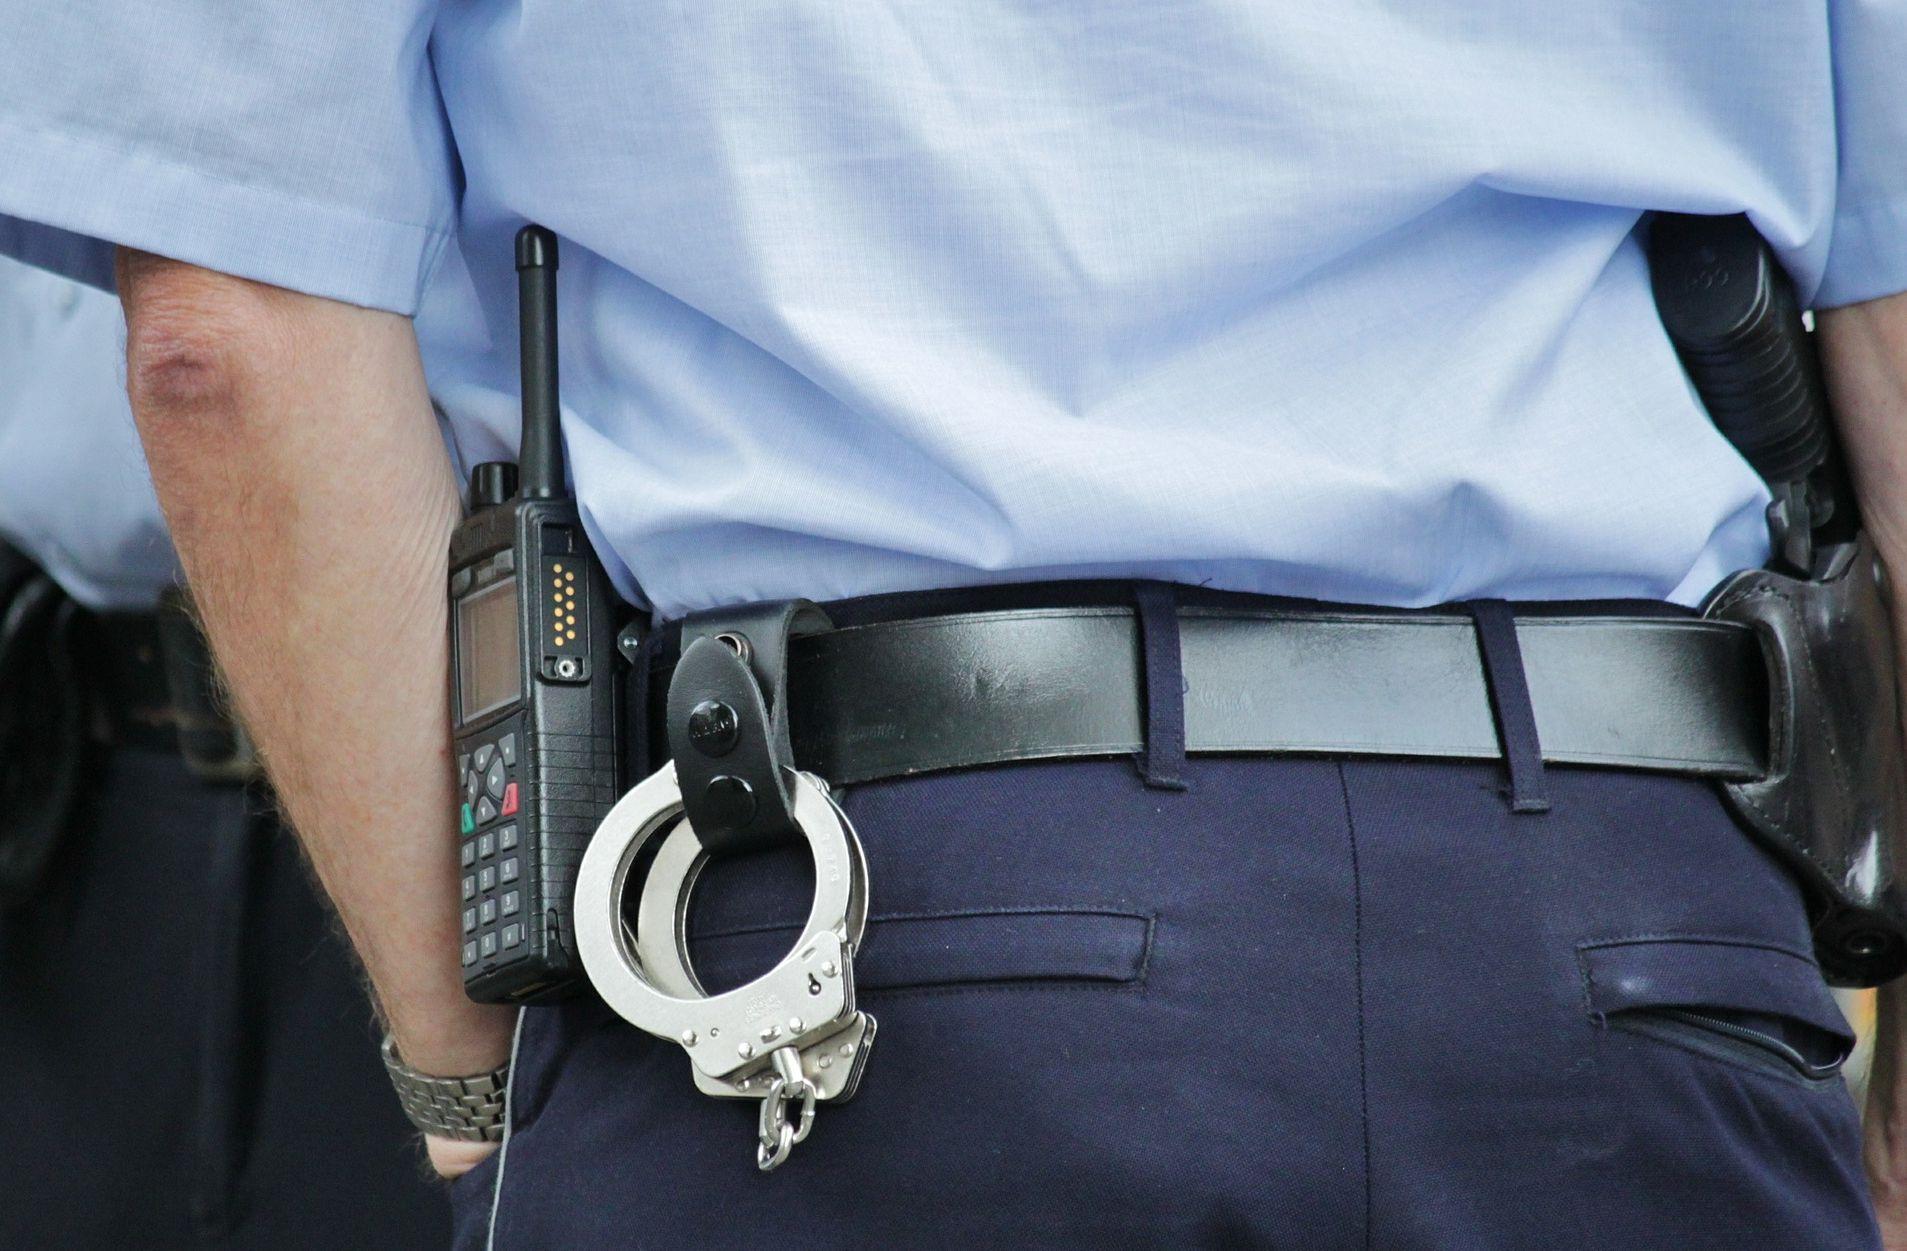 Imagini revoltătoare: Copil legat cu cătuşe de un coş de gunoi şi lovit în burtă de un poliţist de la Poliţia Locală Sector 3